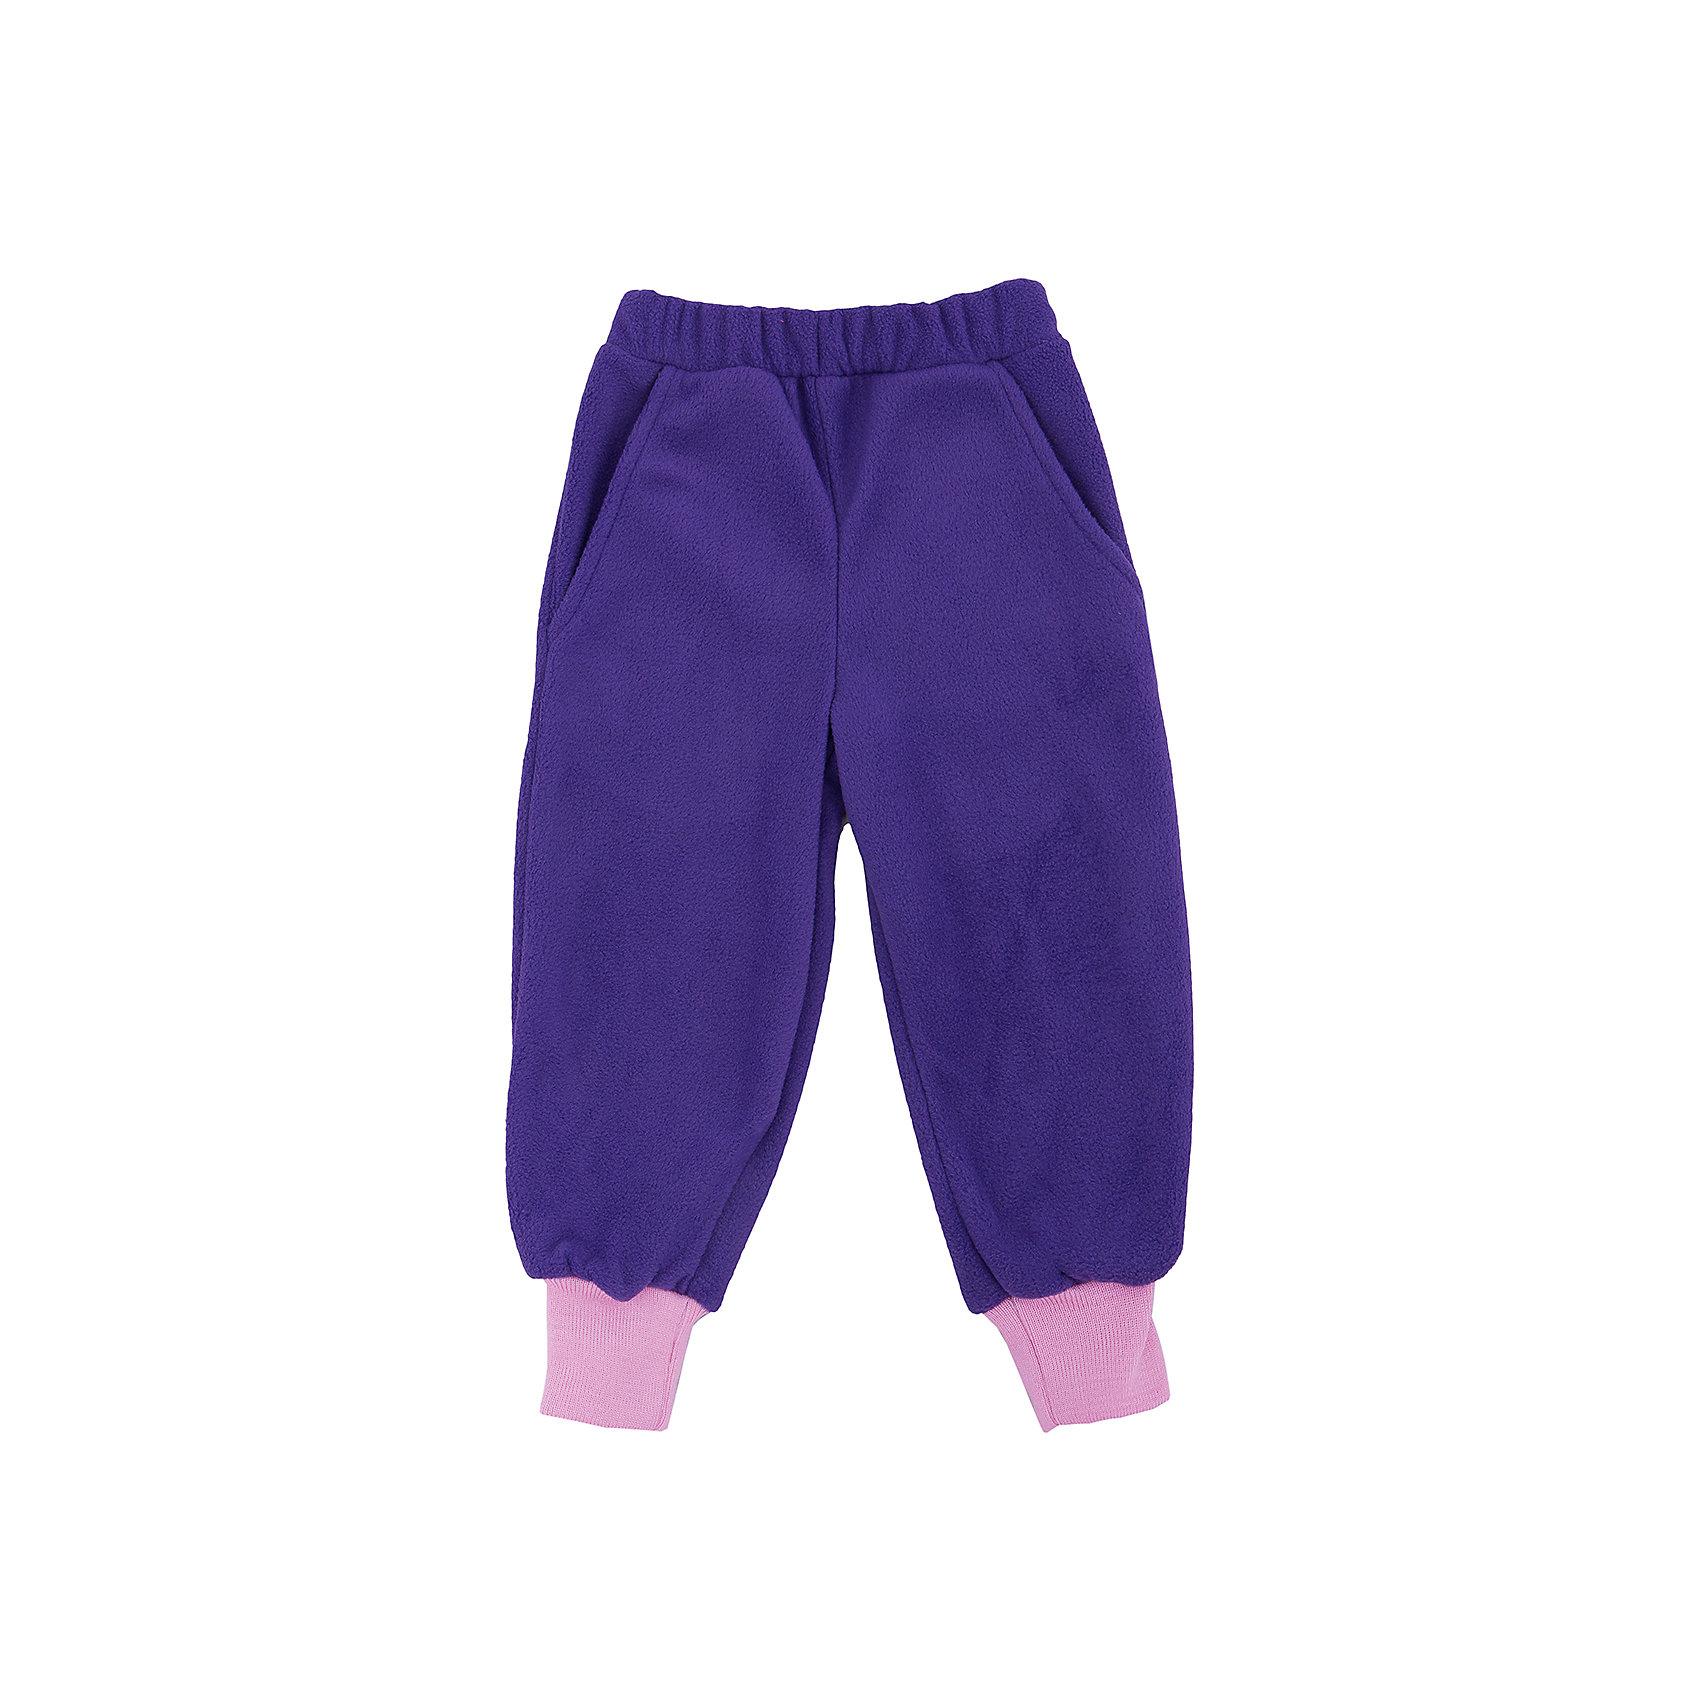 Штаны Чемпион для девочки ЛисФлисХарактеристики штанов для девочки: <br><br>- комплектация: штаны<br>- пол: для девочки<br>- цвет: розовый, фиолетовый<br>- тип карманов: накладные; прорезные<br>- вид застежки: без застежки; резинка<br>- крой брючин: прямой<br>- тип посадки: средняя посадка<br>- фактура материала: флис<br>- уход за вещами: предварительная стирка<br>- рисунок: без рисунка<br>- плотность: синтетического утеплителя<br>- утеплитель: без утепления<br>- назначение: повседневная<br>- характеристика пух/перо: fill power<br>- сезон: круглогодичный<br>- страна бренда: Россия<br>- страна производитель: Россия<br><br>Штаны Чемпион для девочек торговой марки ЛисФлис являются постоянным хитом продаж благодаря идеальному соотношению цены и качества. Штаны выполнены из плотного флиса (280 г.) с манжетами на штанинах и резинкой сверху. Будут незаменимы в холодную погоду как поддева  под комбинезон или комплект или как самостоятельный вариант в более теплое время года.<br><br>Штаны для девочки торговой марки ЛисФлис  можно купить в нашем интернет-магазине.<br><br>Ширина мм: 215<br>Глубина мм: 88<br>Высота мм: 191<br>Вес г: 336<br>Цвет: розовый/разноцветный<br>Возраст от месяцев: 24<br>Возраст до месяцев: 36<br>Пол: Женский<br>Возраст: Детский<br>Размер: 98,92,104,110,116,122,128,134,140,146,80,86<br>SKU: 4938979